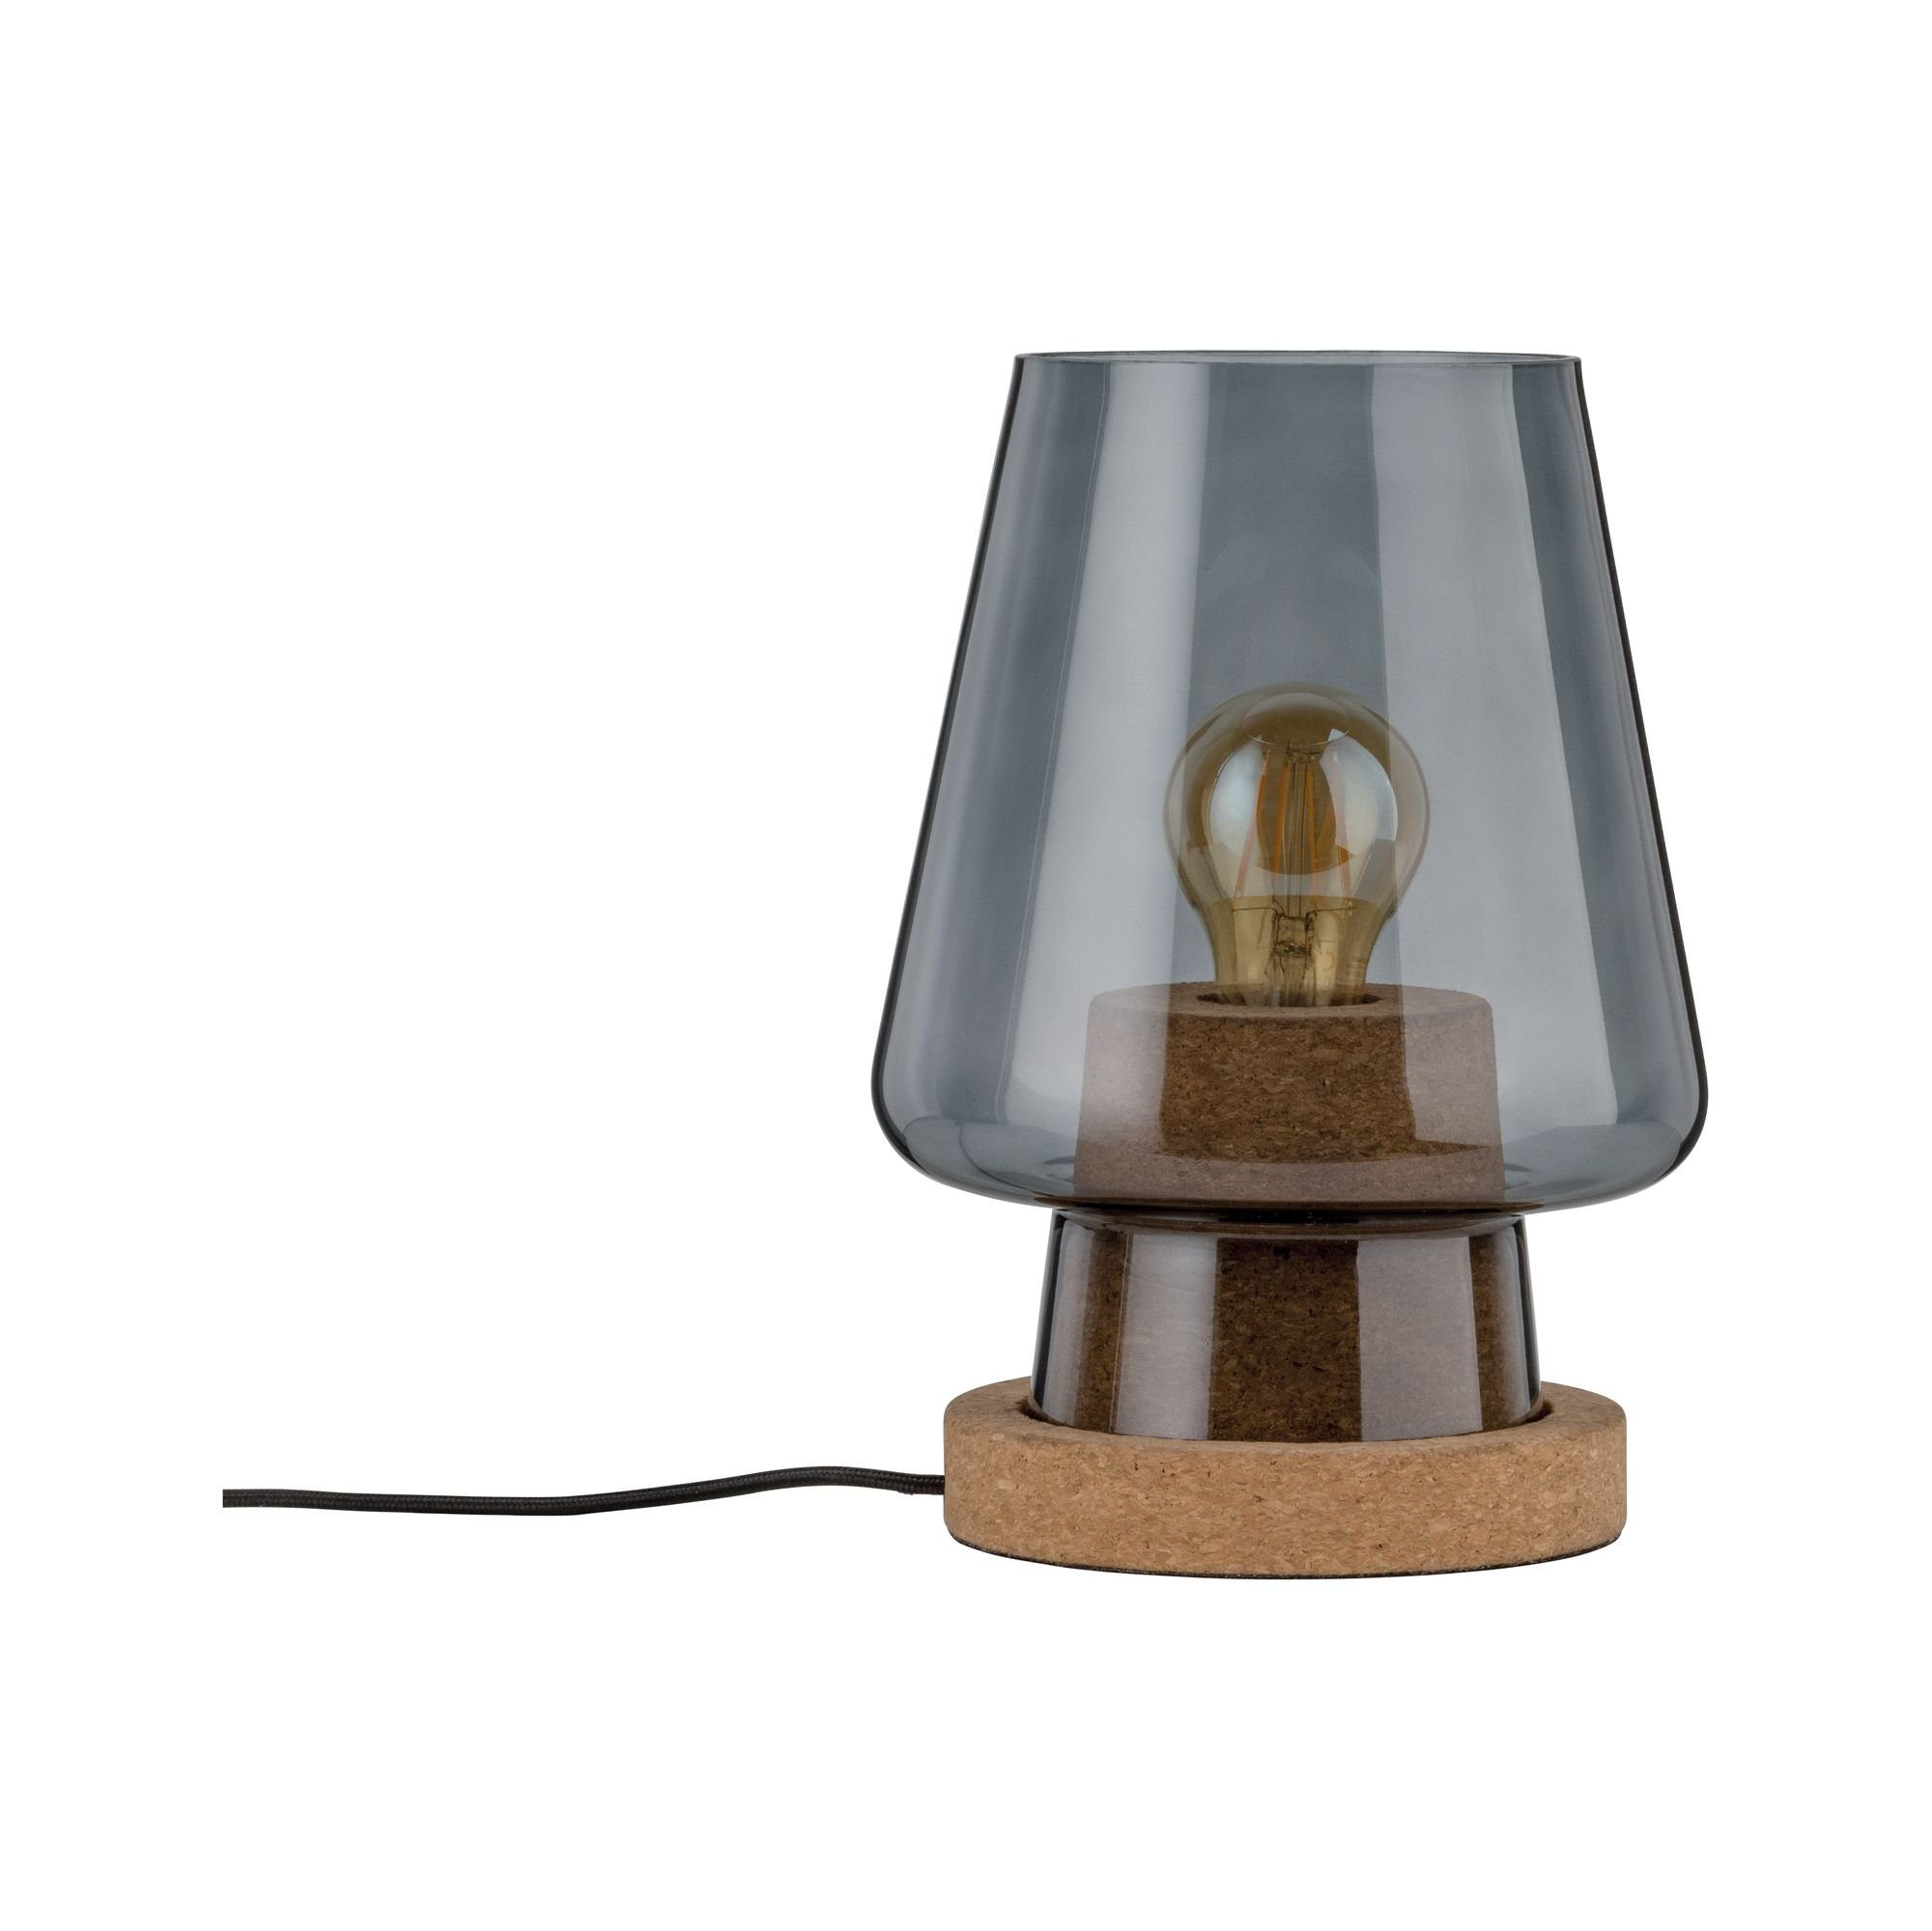 Paulmann LED Tischleuchte Iben Rauchglas/Kork max. 20W E27, E27, 1 St.